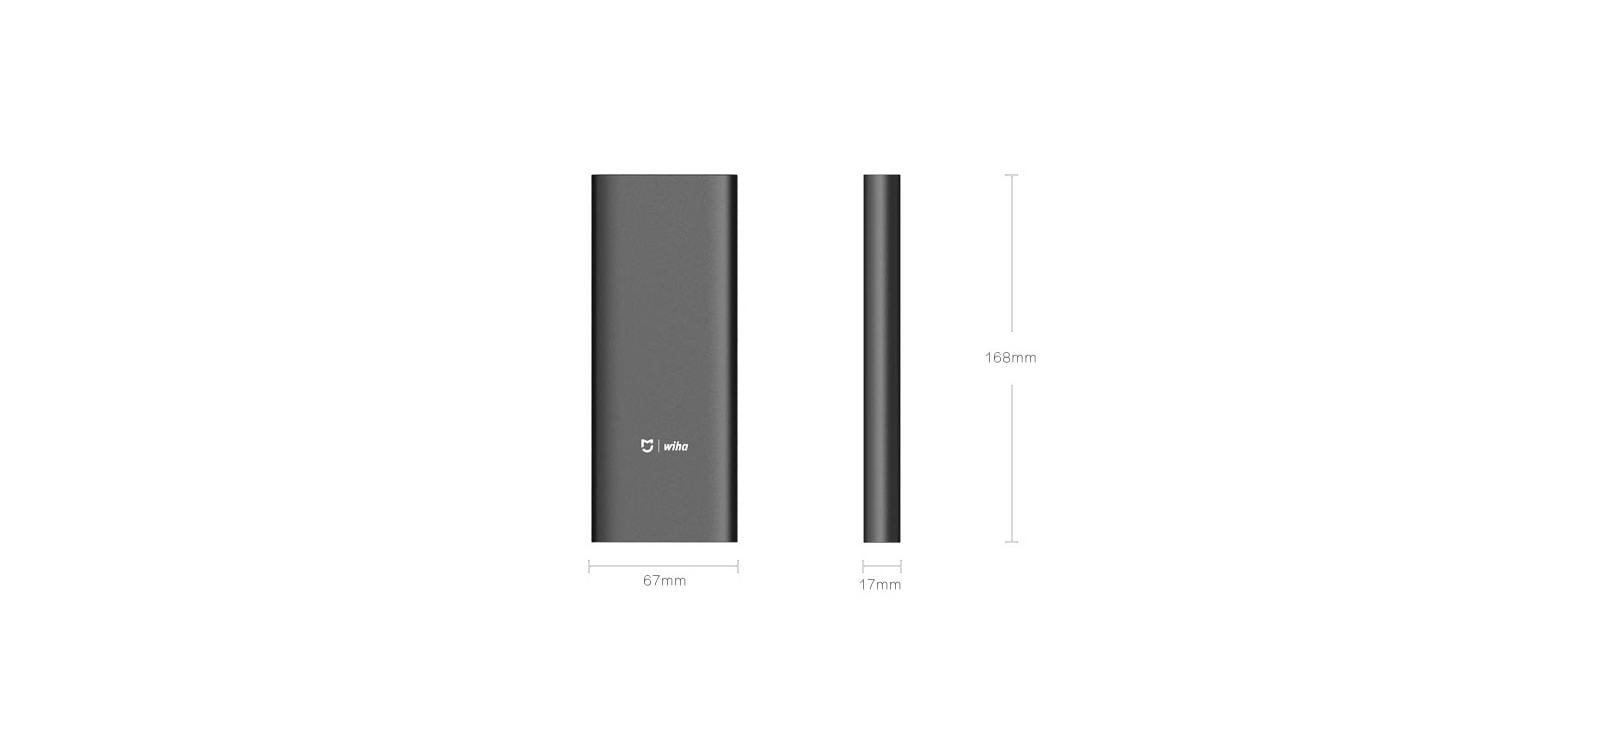 Подборка гик-отверток и необычных мультитулов от Leatherman до Xiaomi - 16